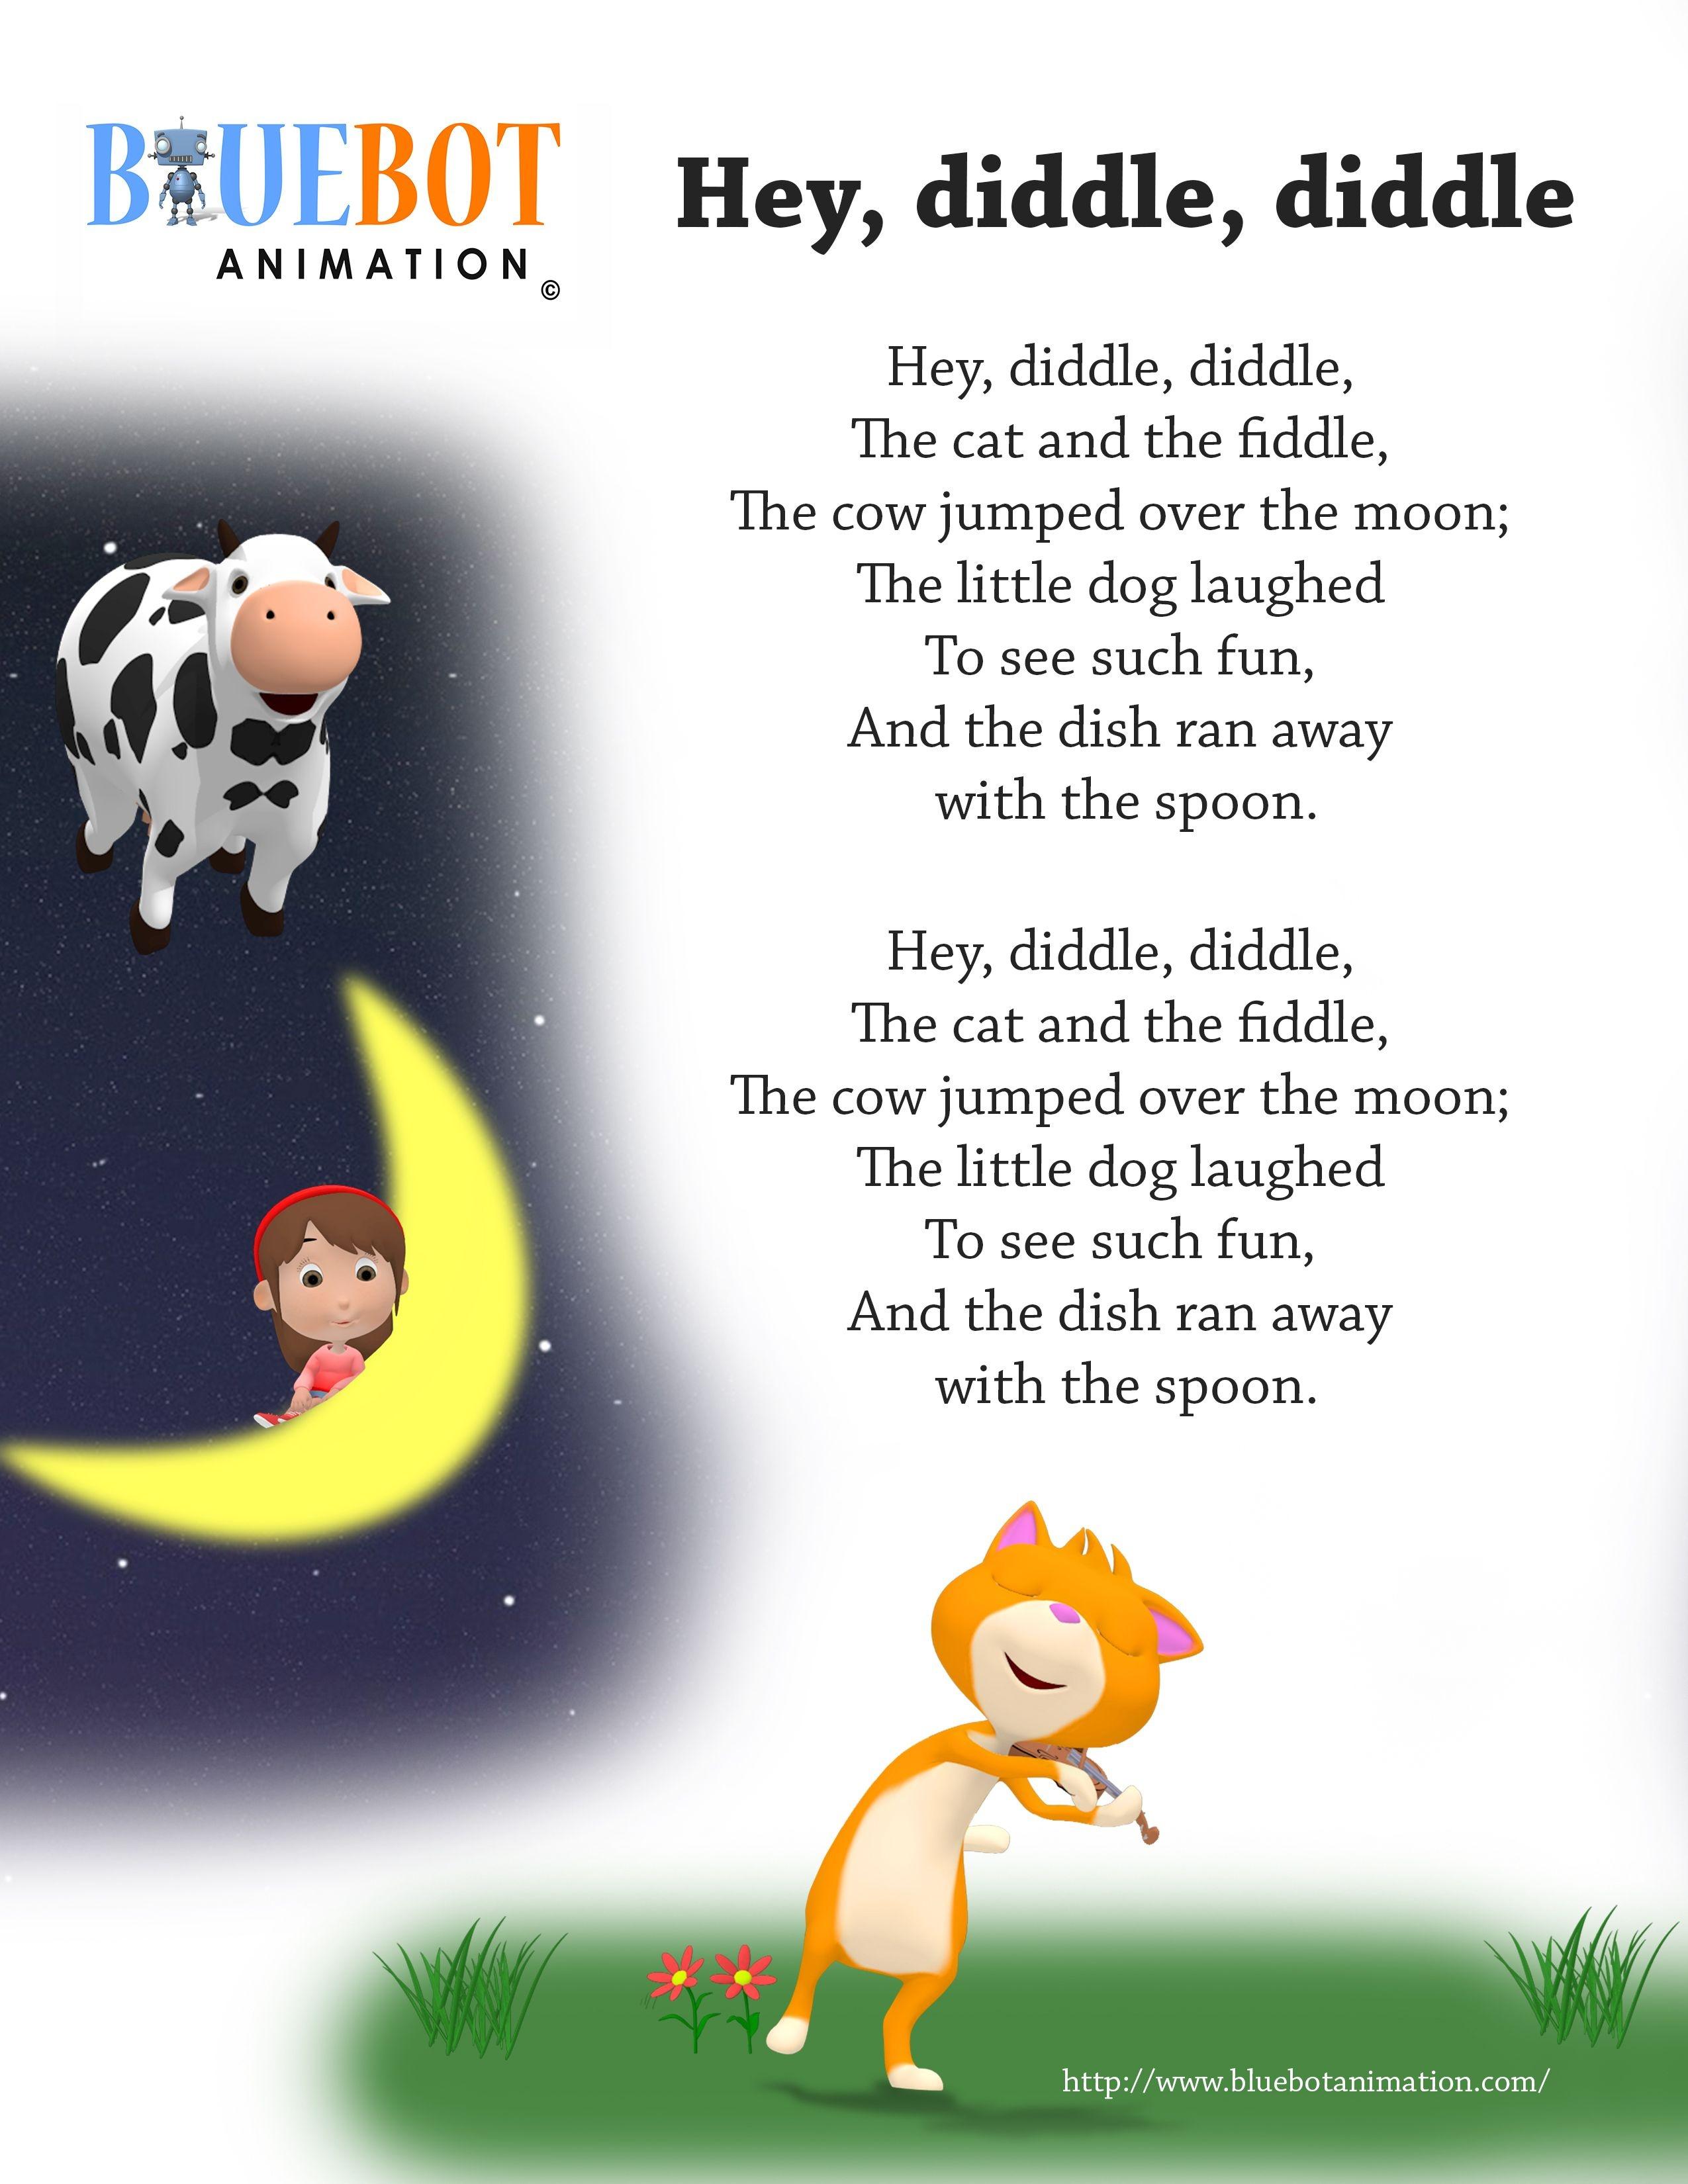 Free Printable Nursery Rhyme Lyrics Page. , Hey Diddle Diddle, Hey - Free Printable Nursery Rhymes Songs